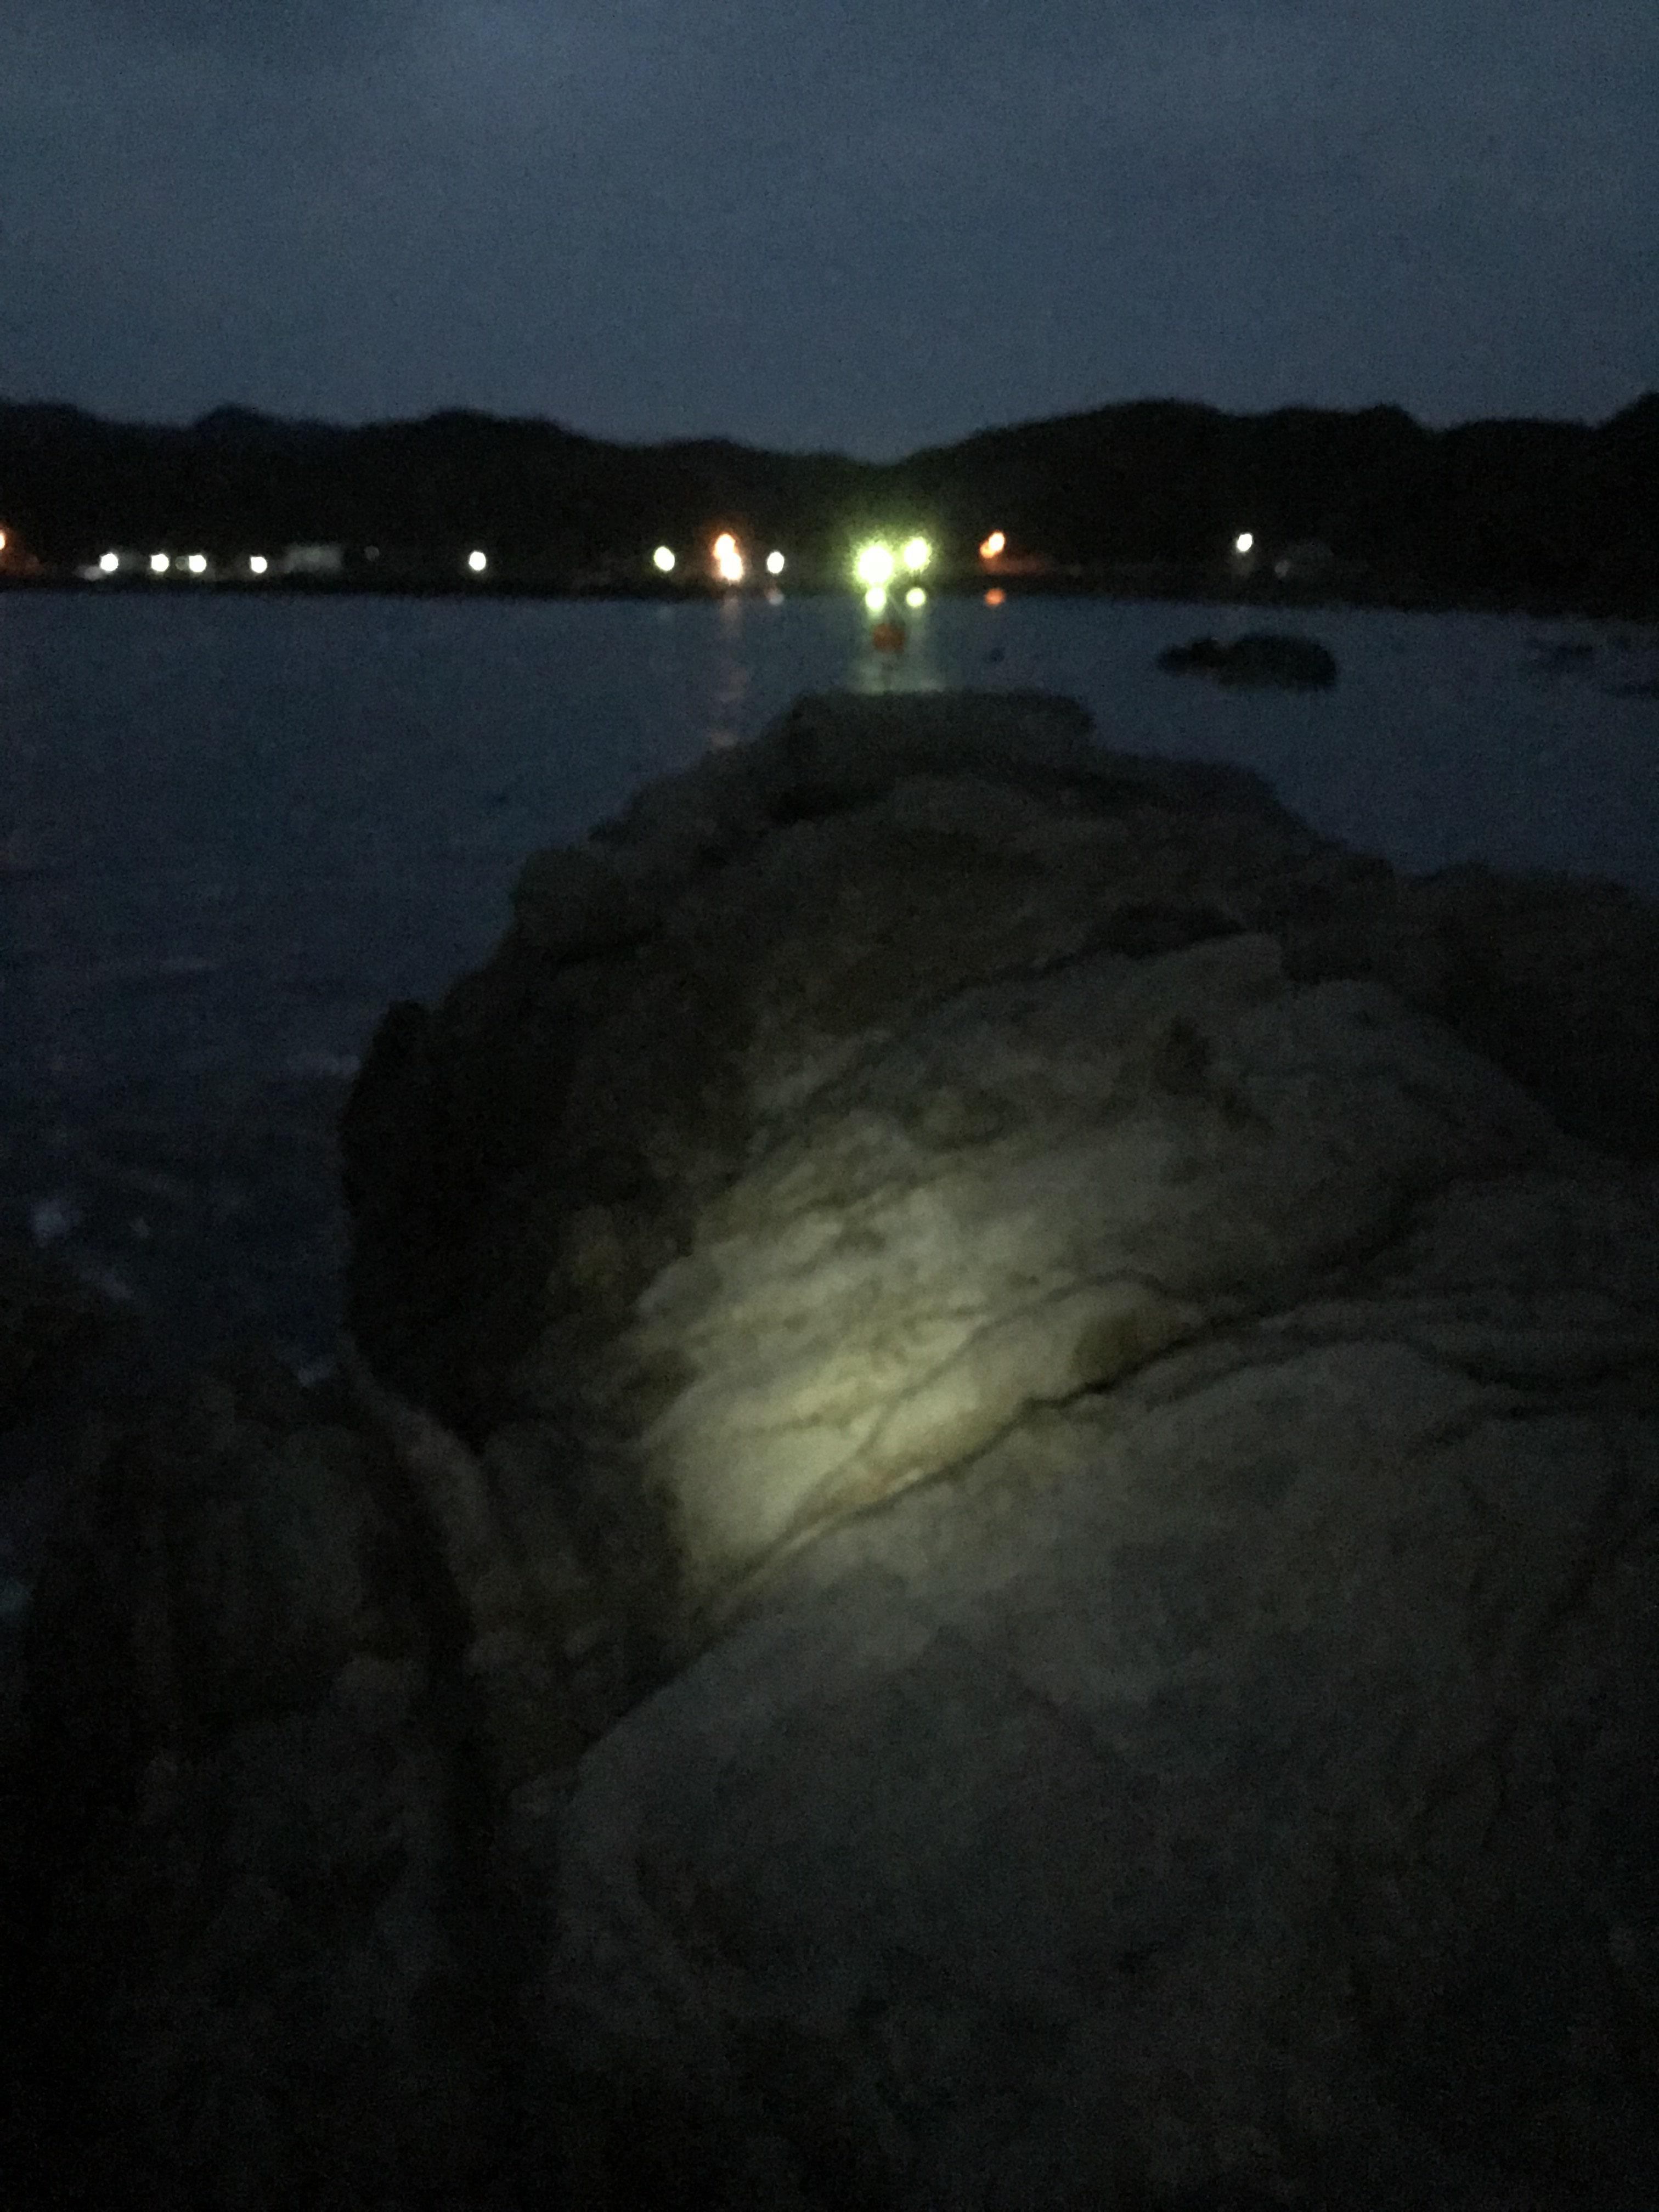 田並地磯コアズエの釣り場紹介(和歌山南紀串本):エギングでオススメの手軽な地磯